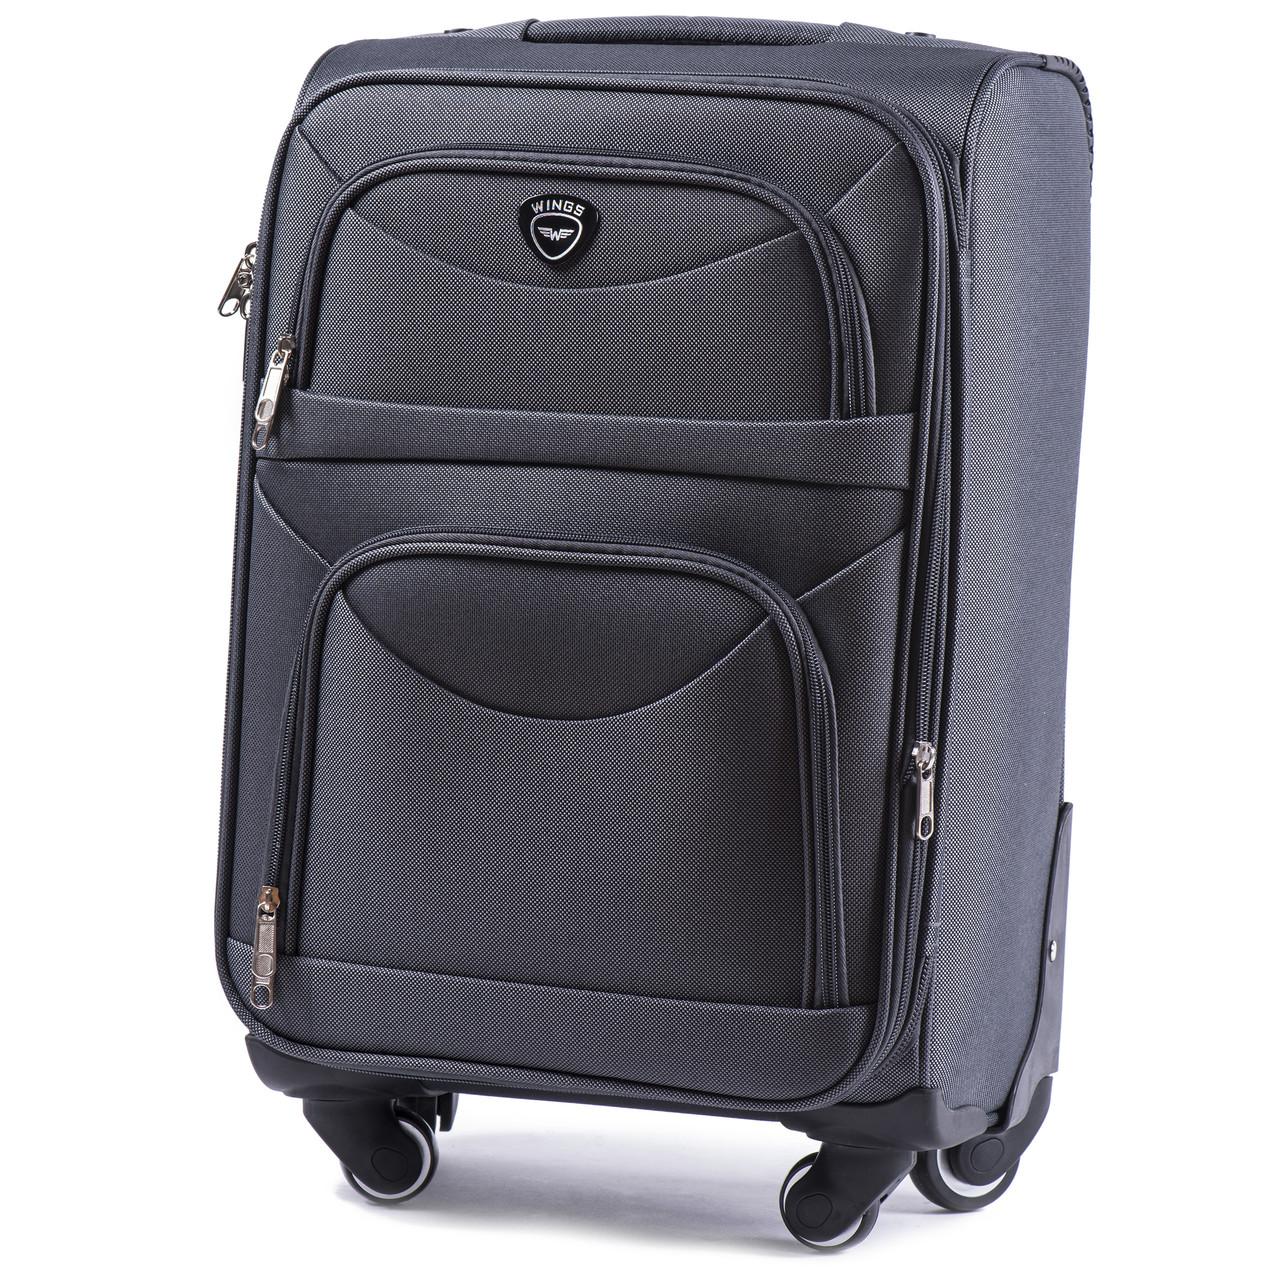 Большой тканевый чемодан Wings 6802 на 4 колесах серый